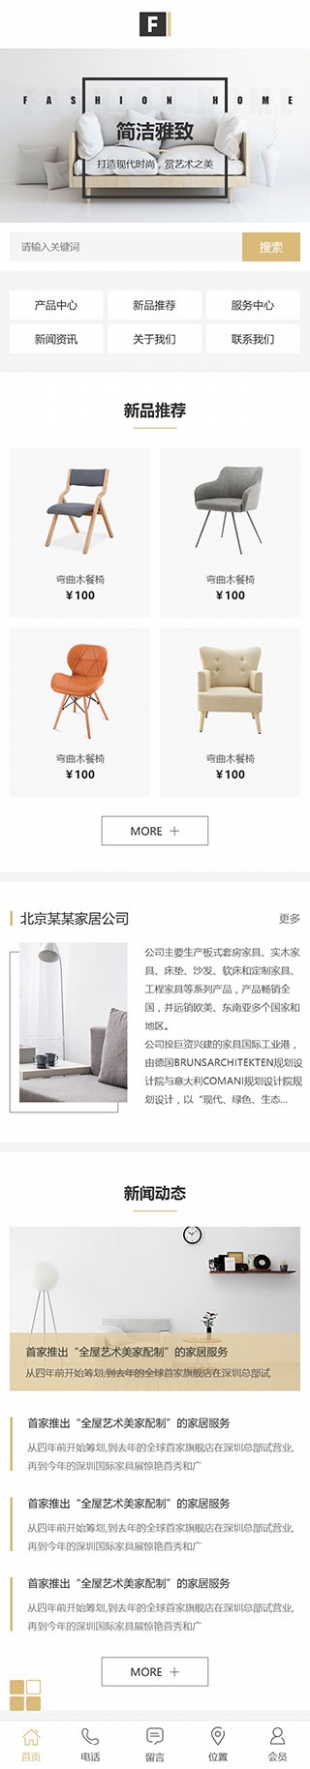 >家具类网站通用模板(html5动画站)手机图片